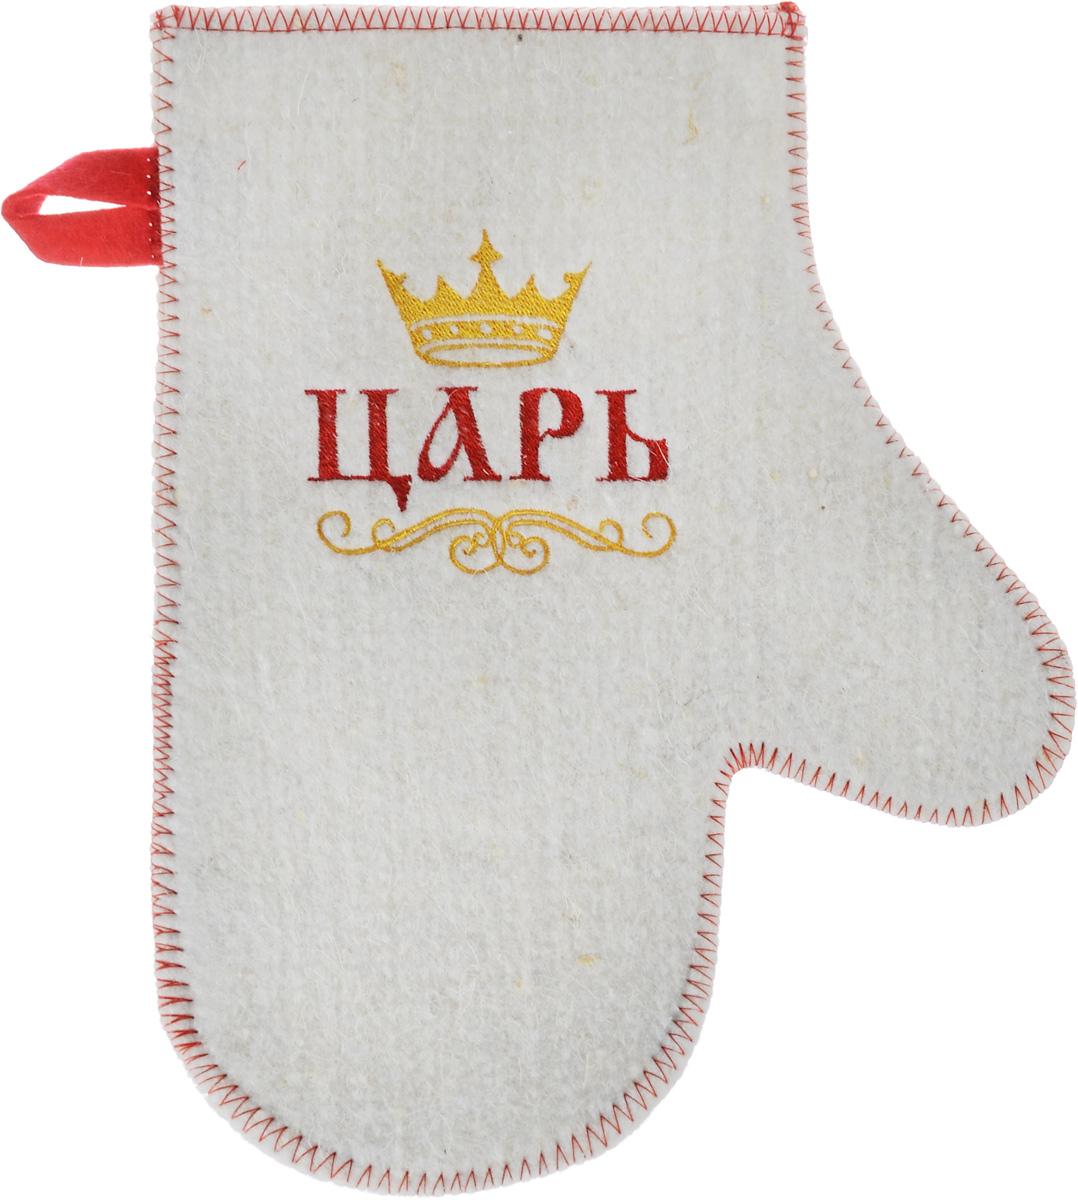 Рукавица для бани и сауны Главбаня Царь905309Рукавица Главбаня Царь, изготовленная из войлока, -незаменимый банный атрибут. Изделие декорировано яркимрисунком и оснащено петелькой для подвешивания на крючок. Такая рукавица защищает руки от горячего пара, делаеткомфортным пребывание в парной. Также ею можно прекраснопромассировать тело. Размер рукавицы: 23 х 28 см. Материал: войлок (50% шерсть, 50% полиэфир).